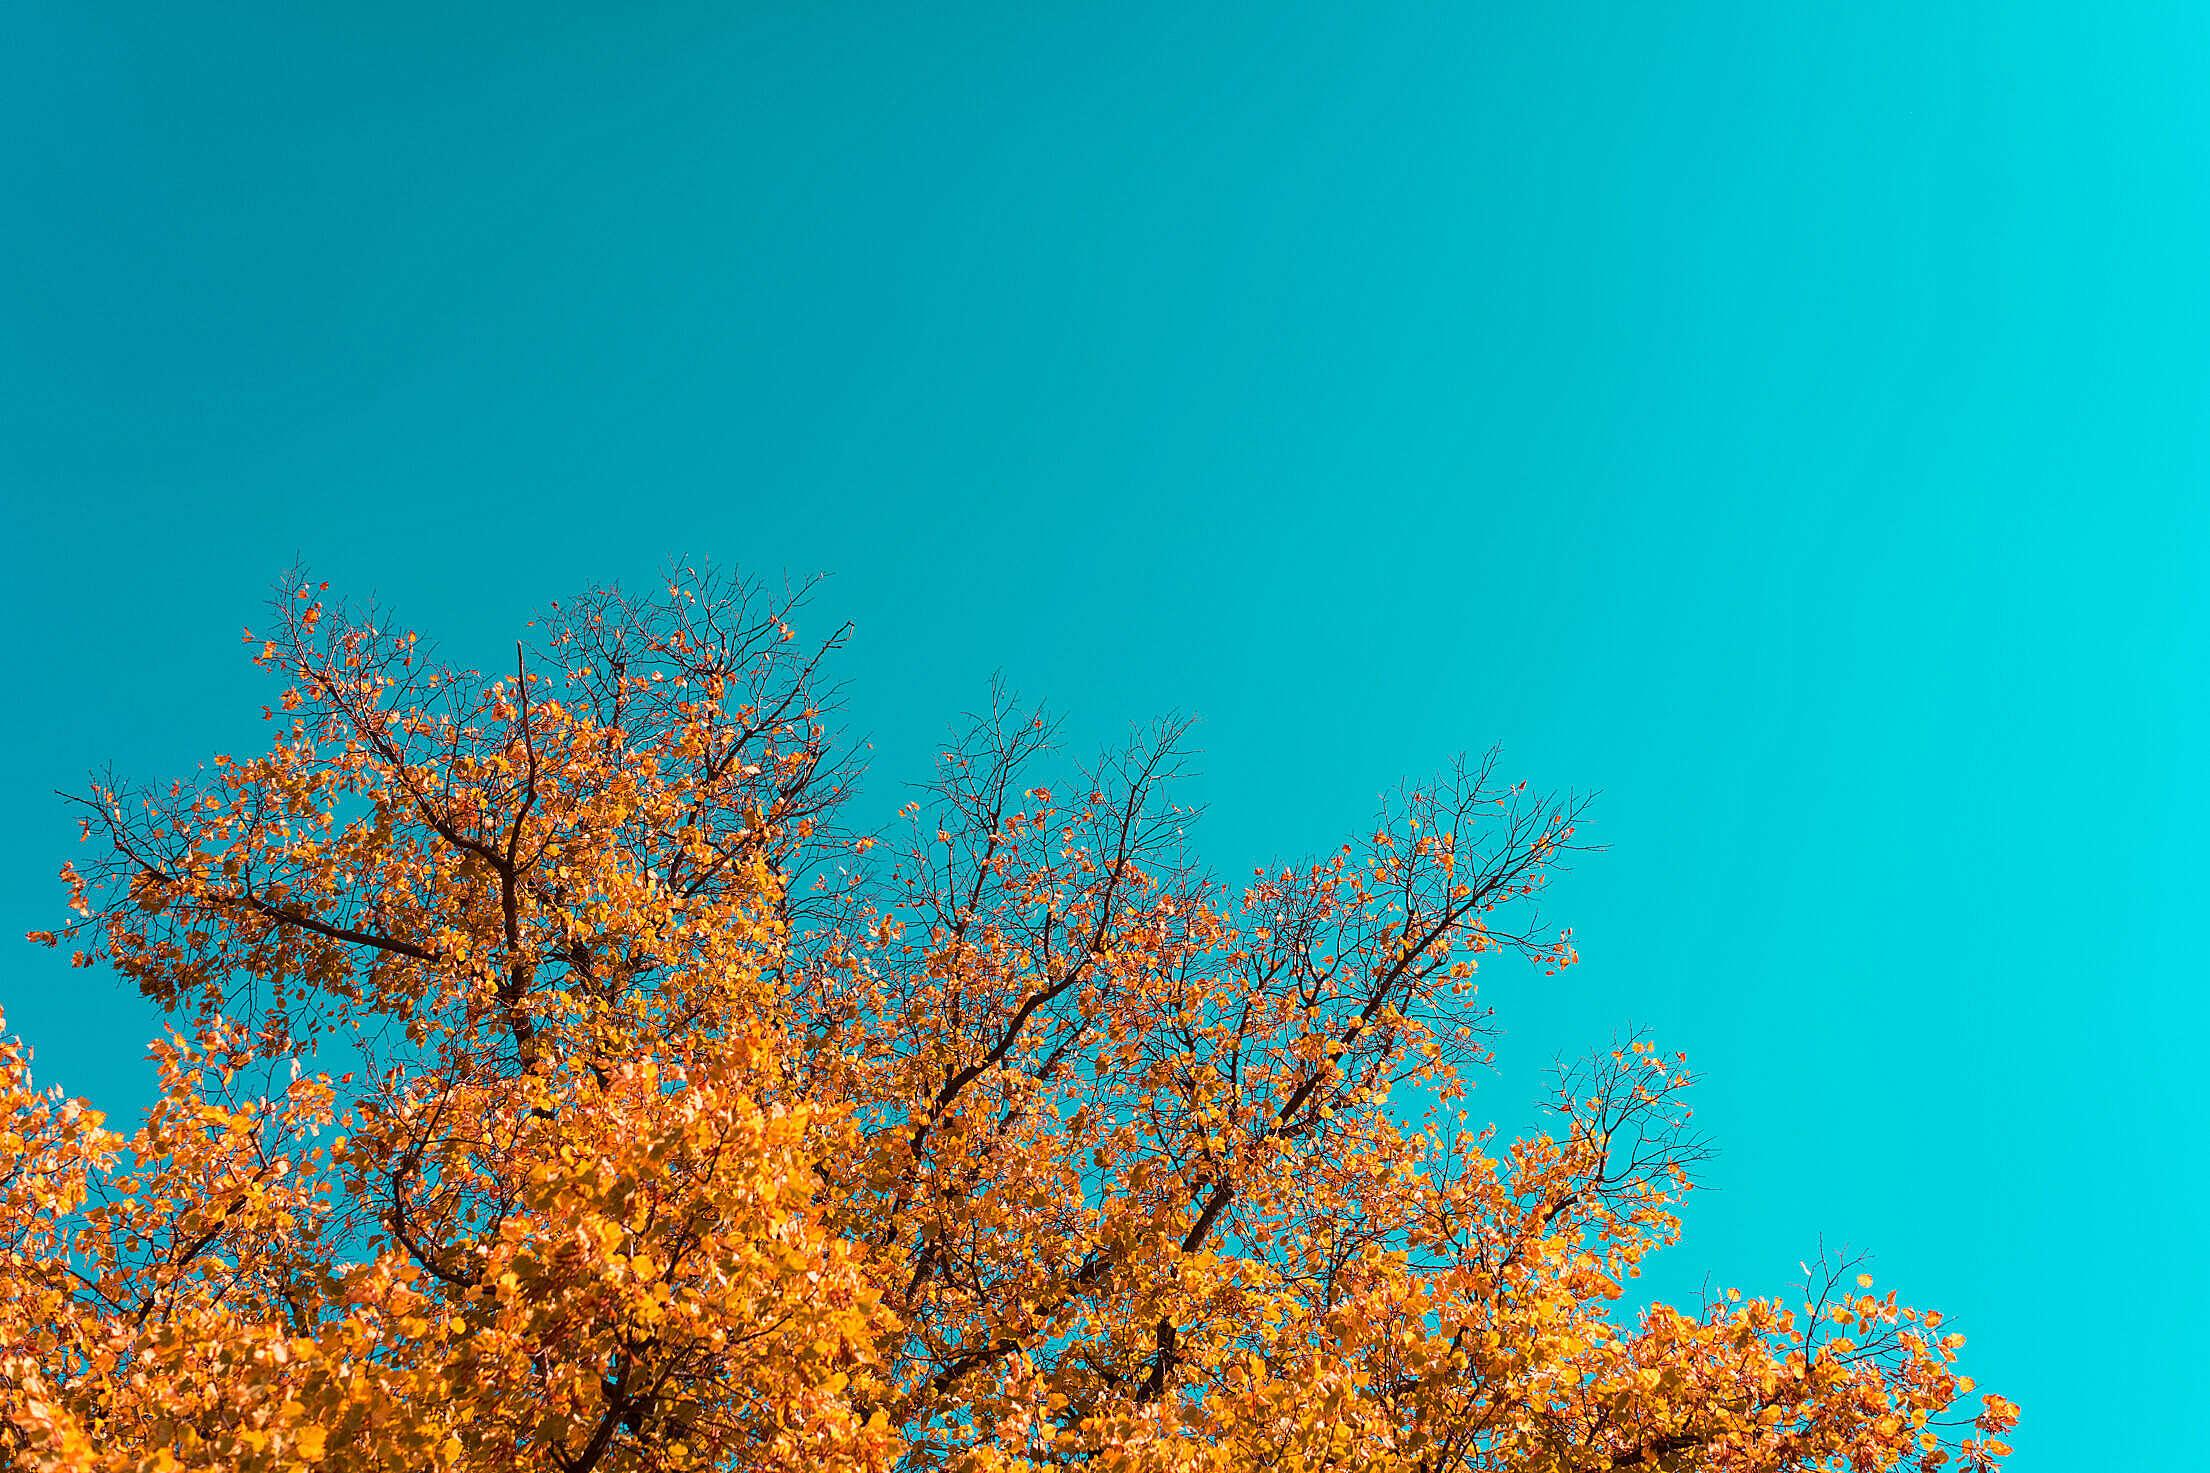 Autumn Tree Free Stock Photo